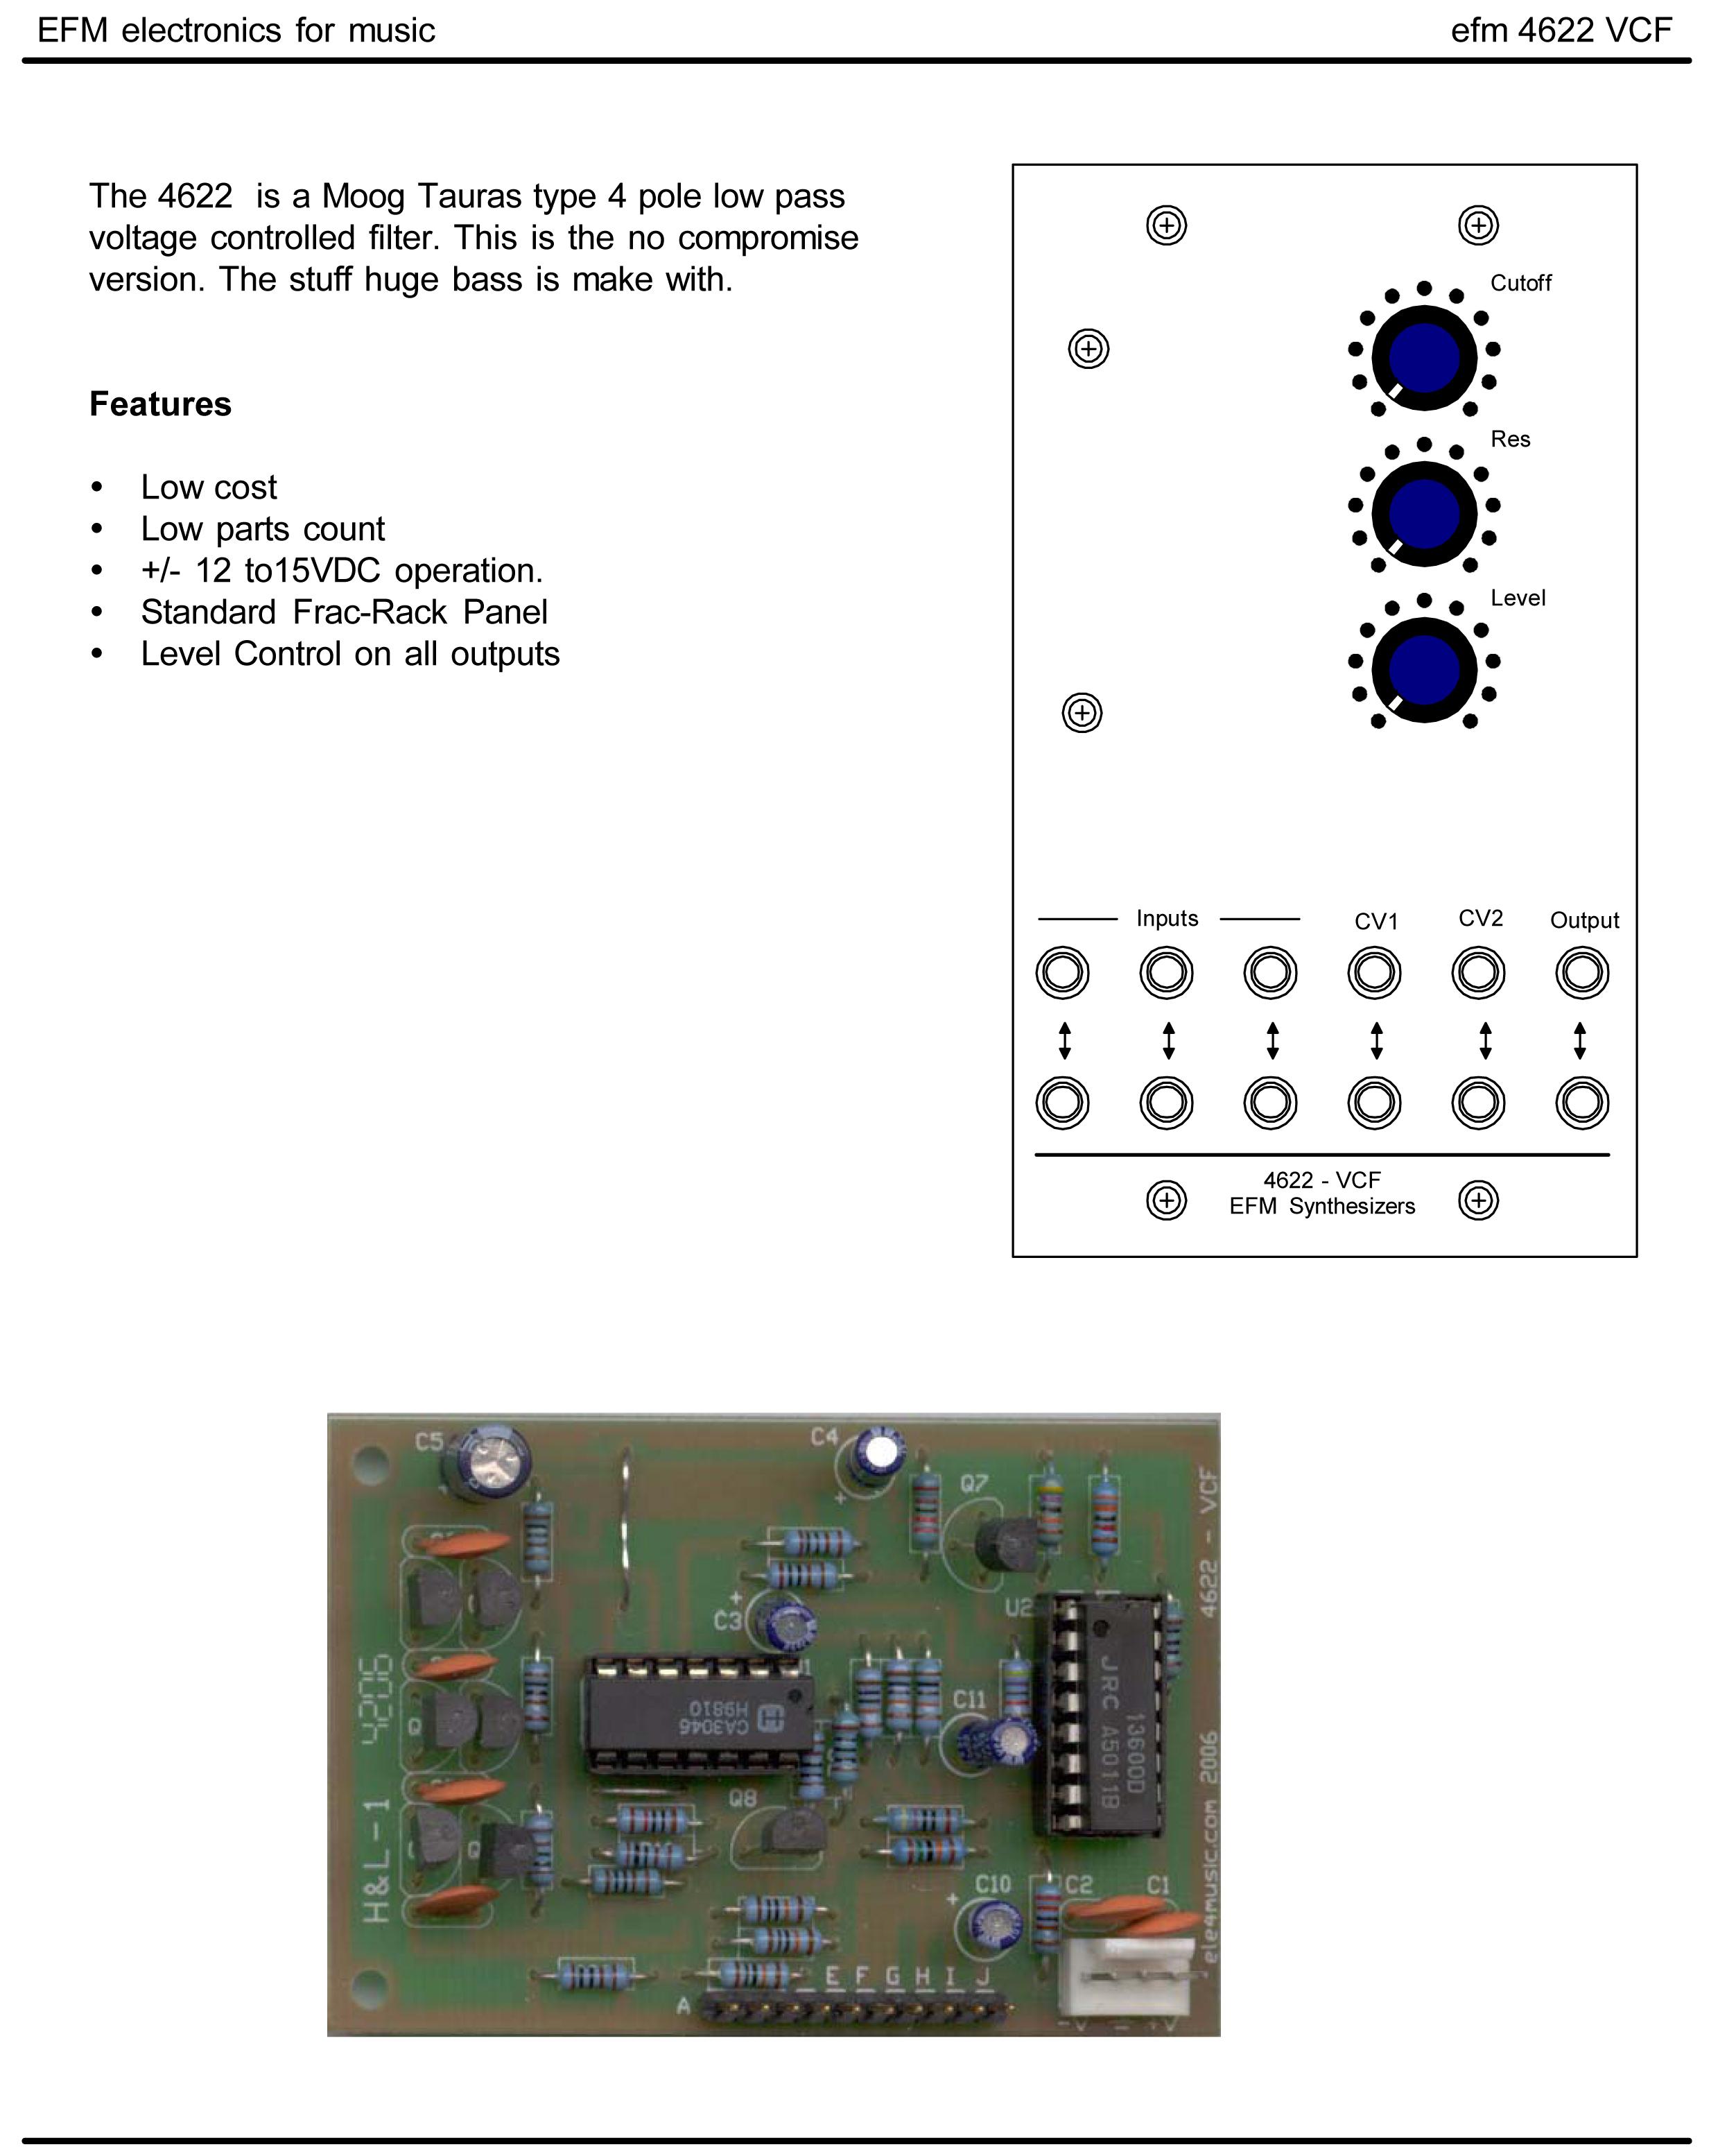 electro music com wiki schematics moog taurus type filter taurus moog synthesizer moog taurus schematics 2 #26